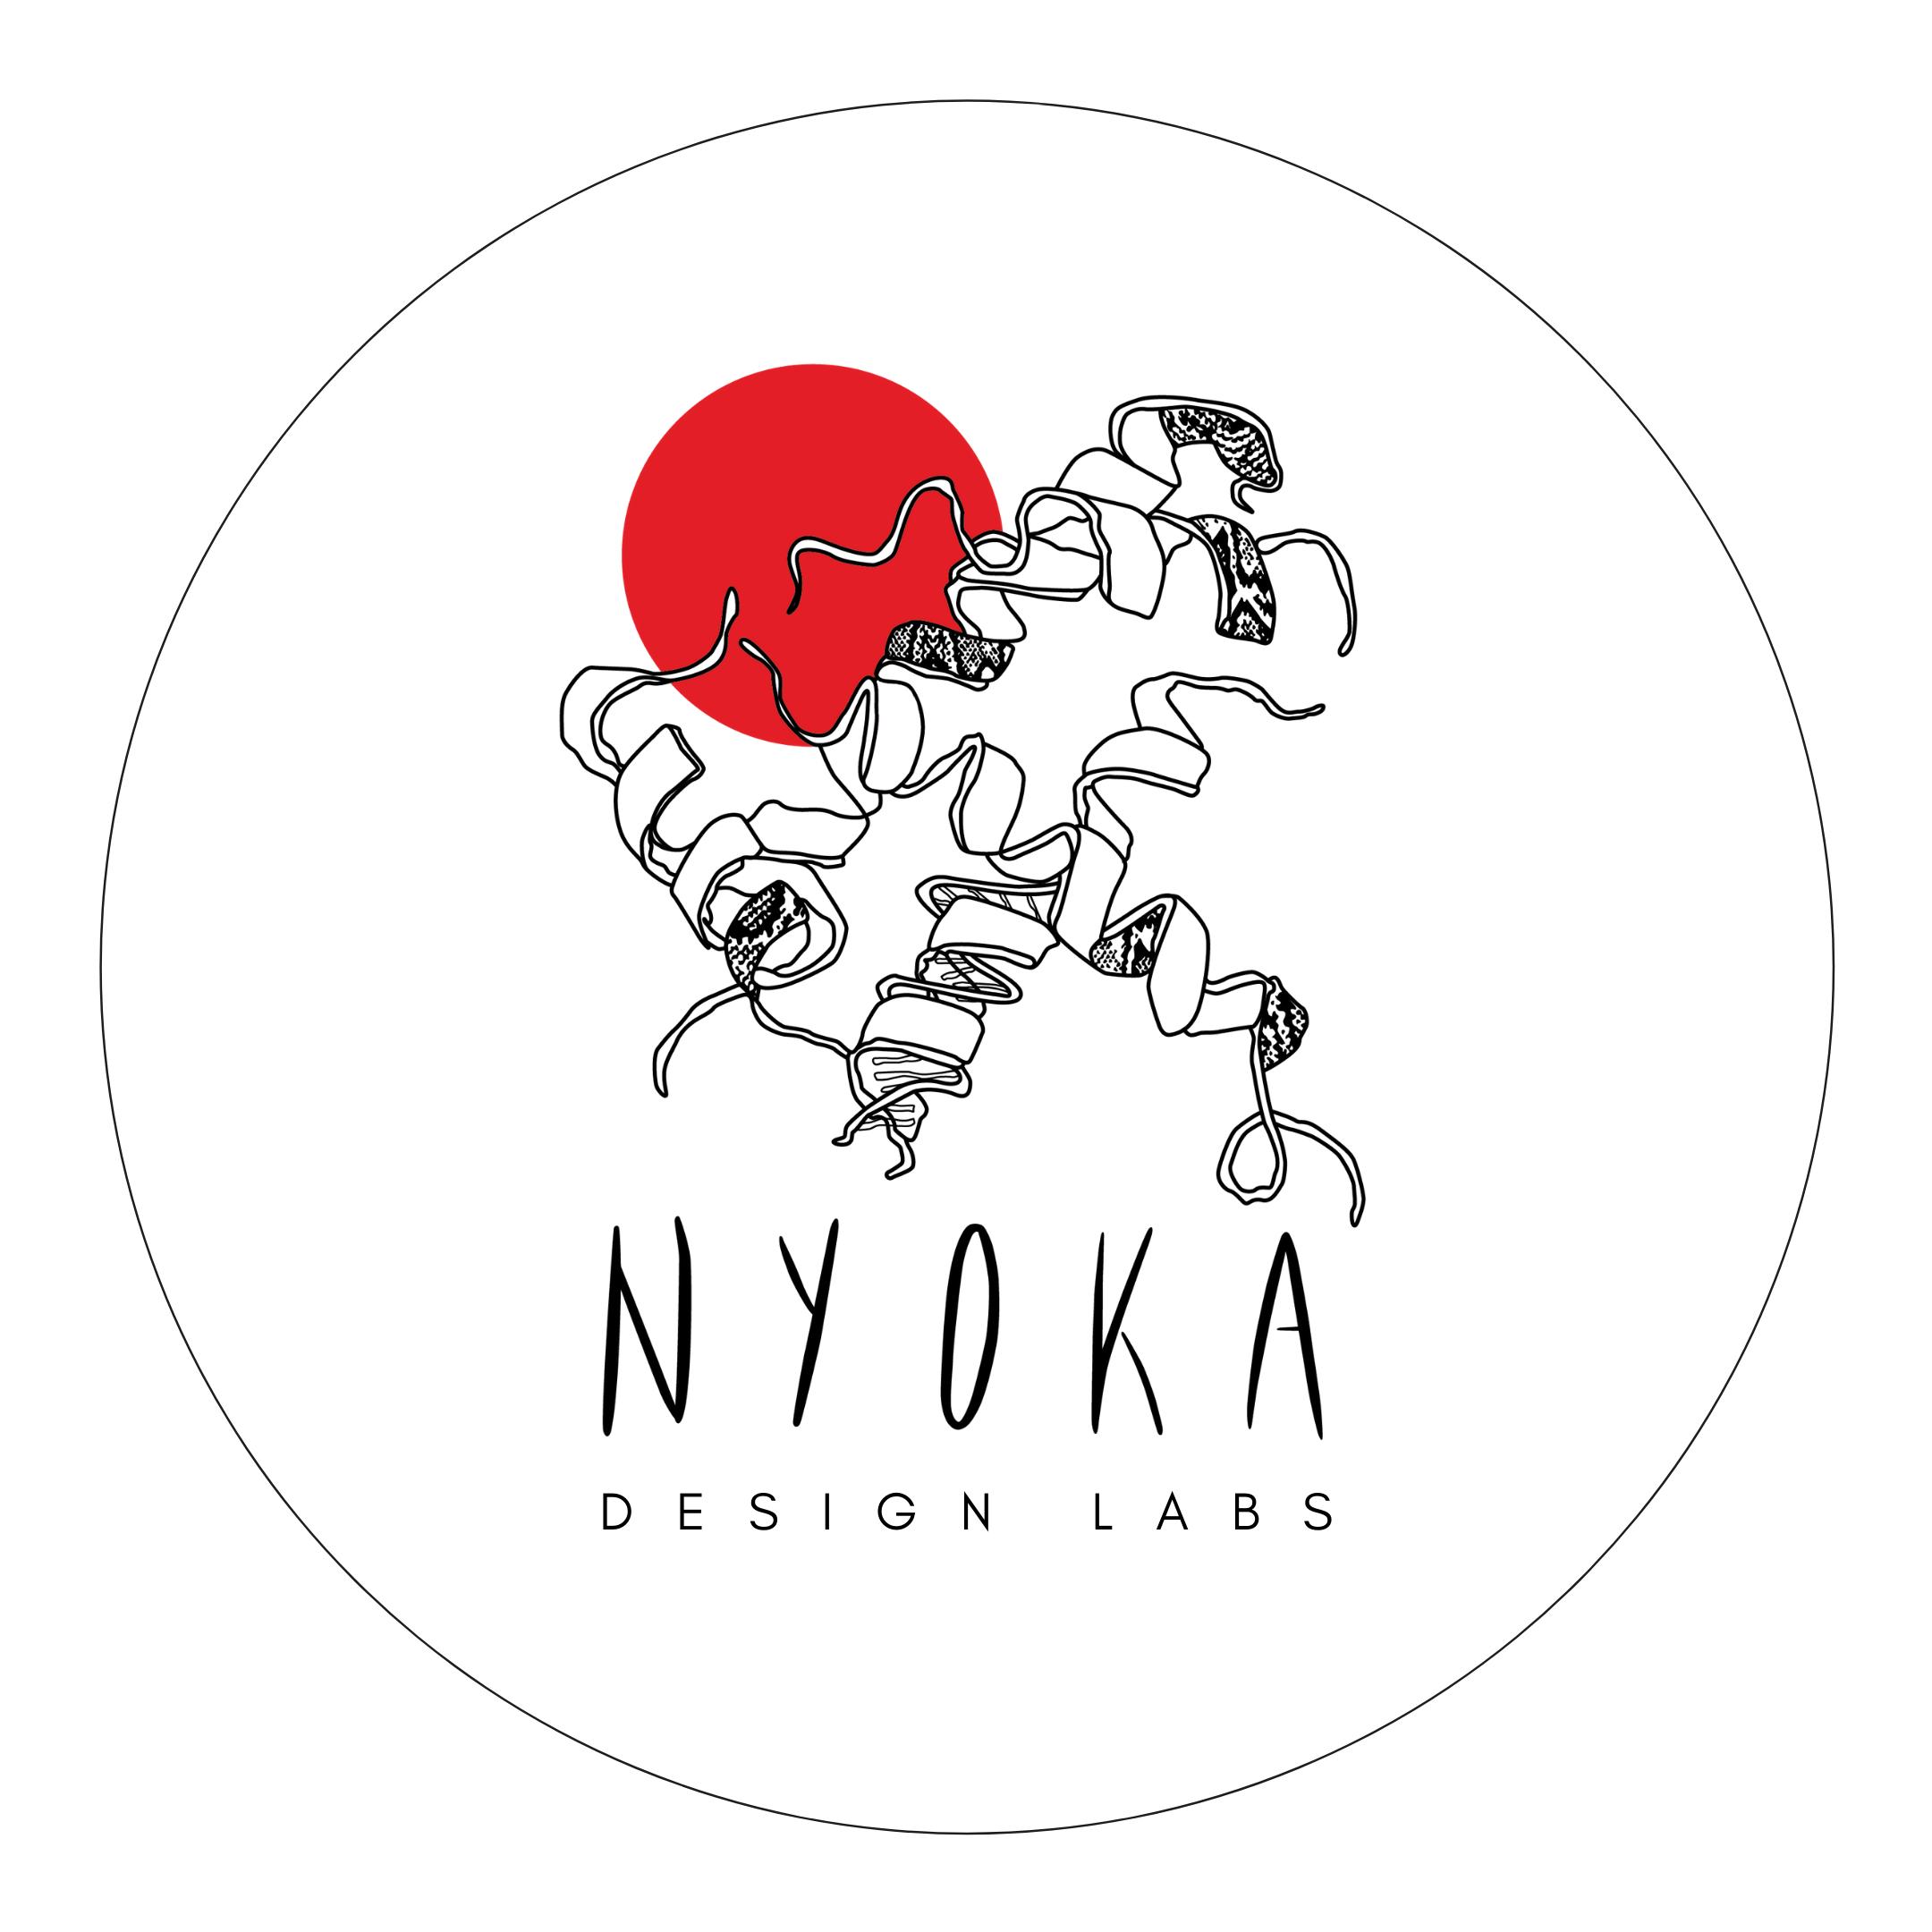 Nyoka Design Labs